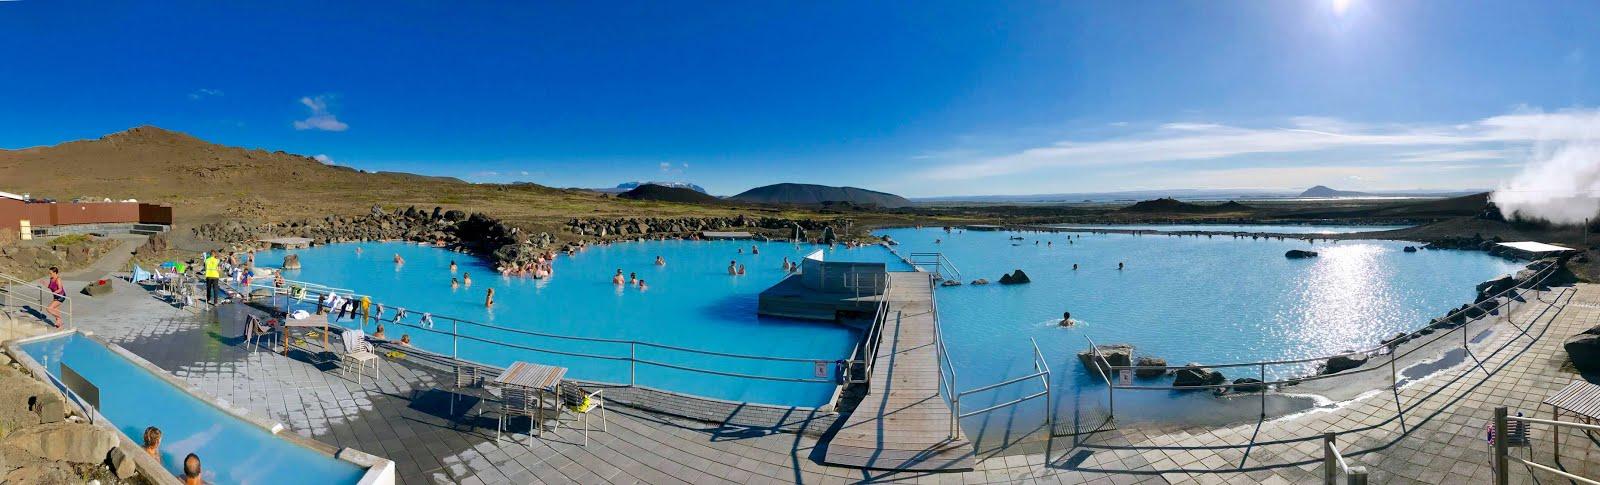 2018 - North Iceland